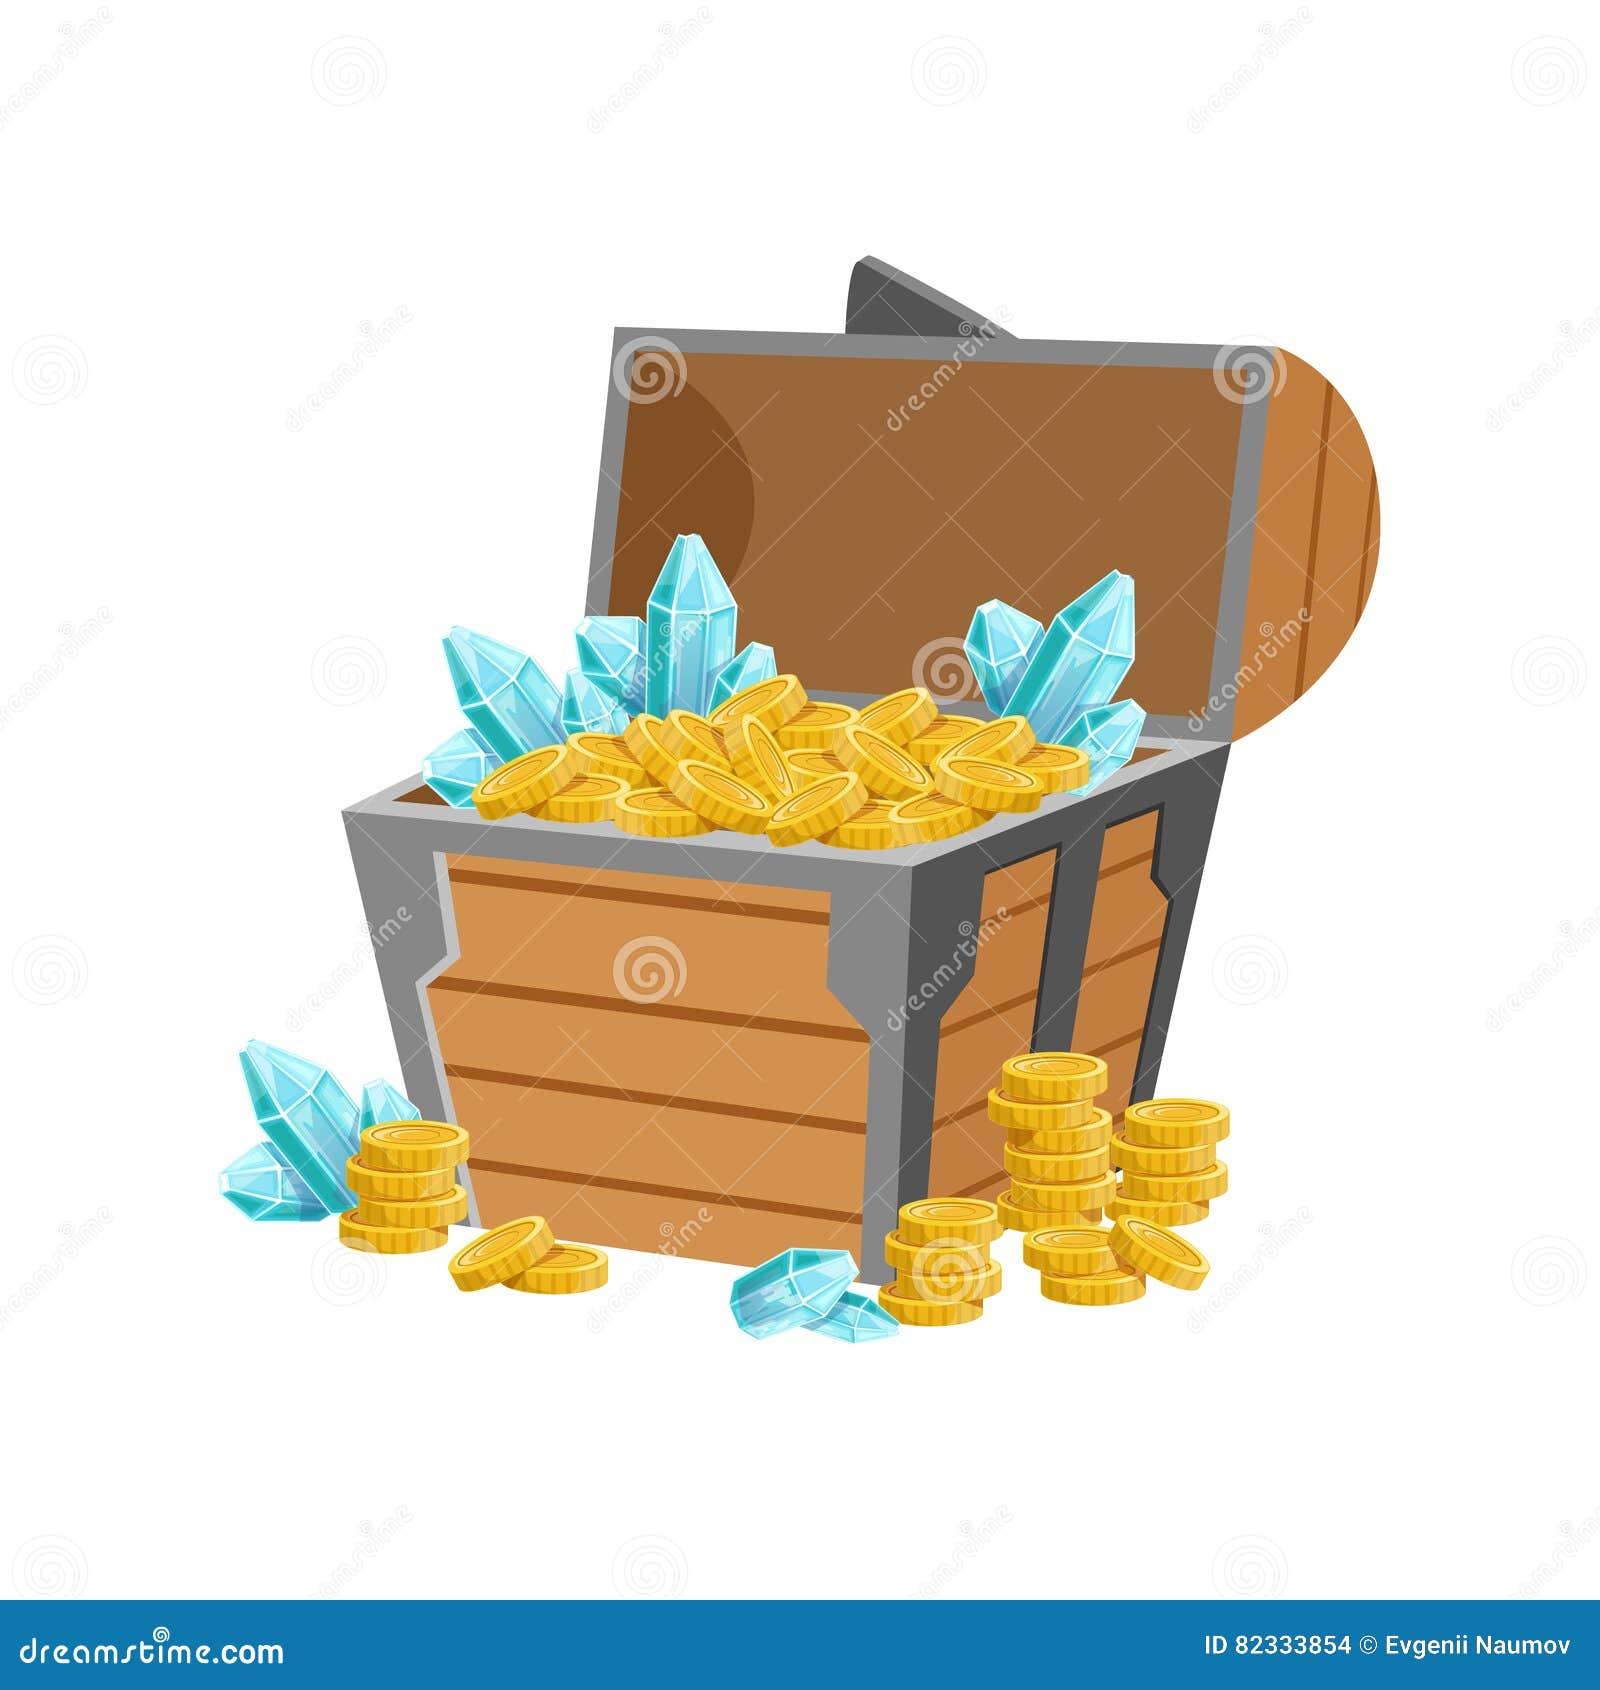 Il mezzo petto aperto del pirata con le monete dorate e Crystal Gems blu, tesoro nascosto e ricchezze per ricompensa nel flash è